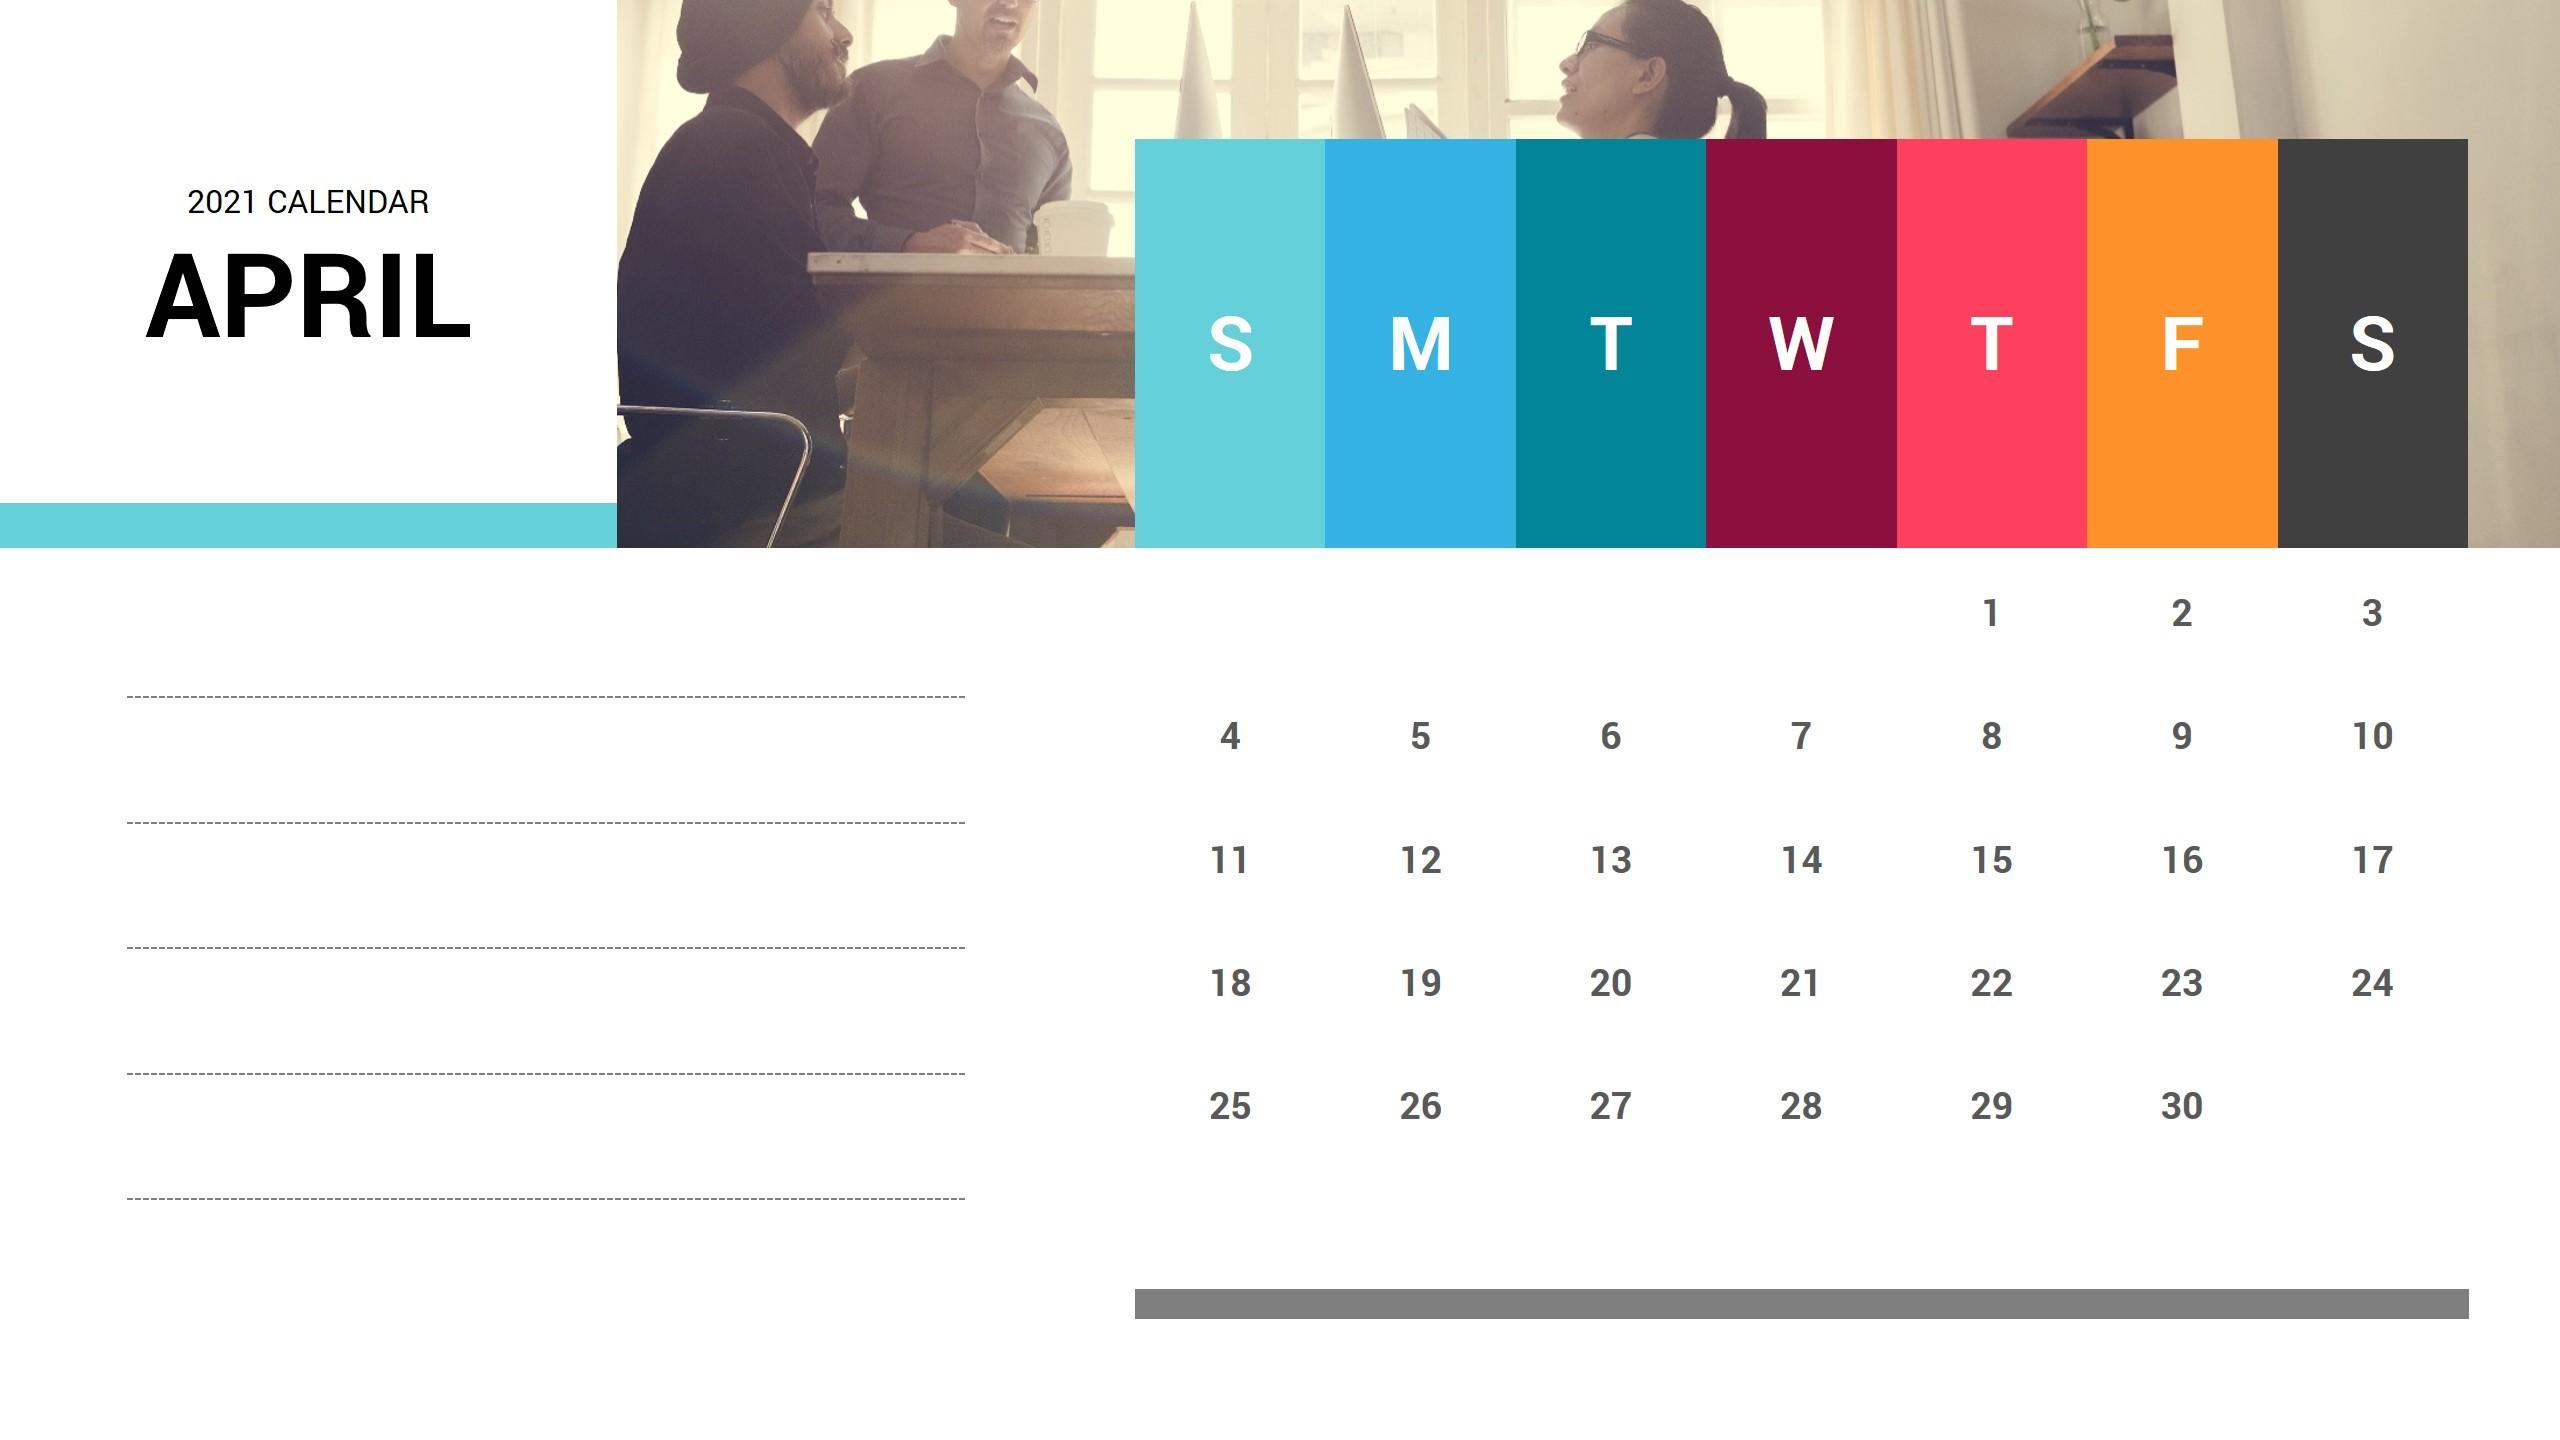 April 2021 Calendar PowerPoint Template